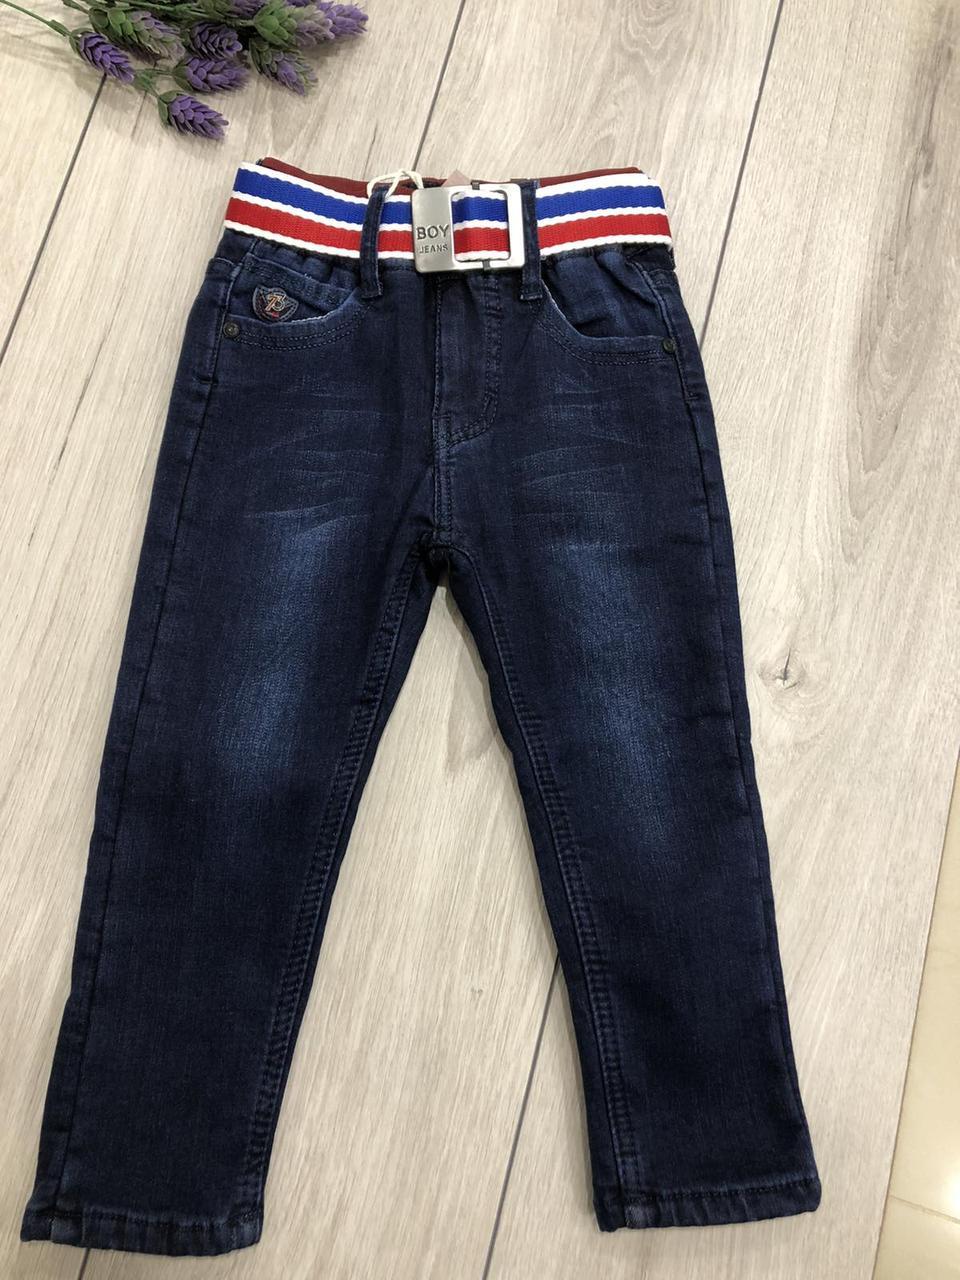 Детские джинсы в комплекте с поясом на флисе (на рост 86 см)